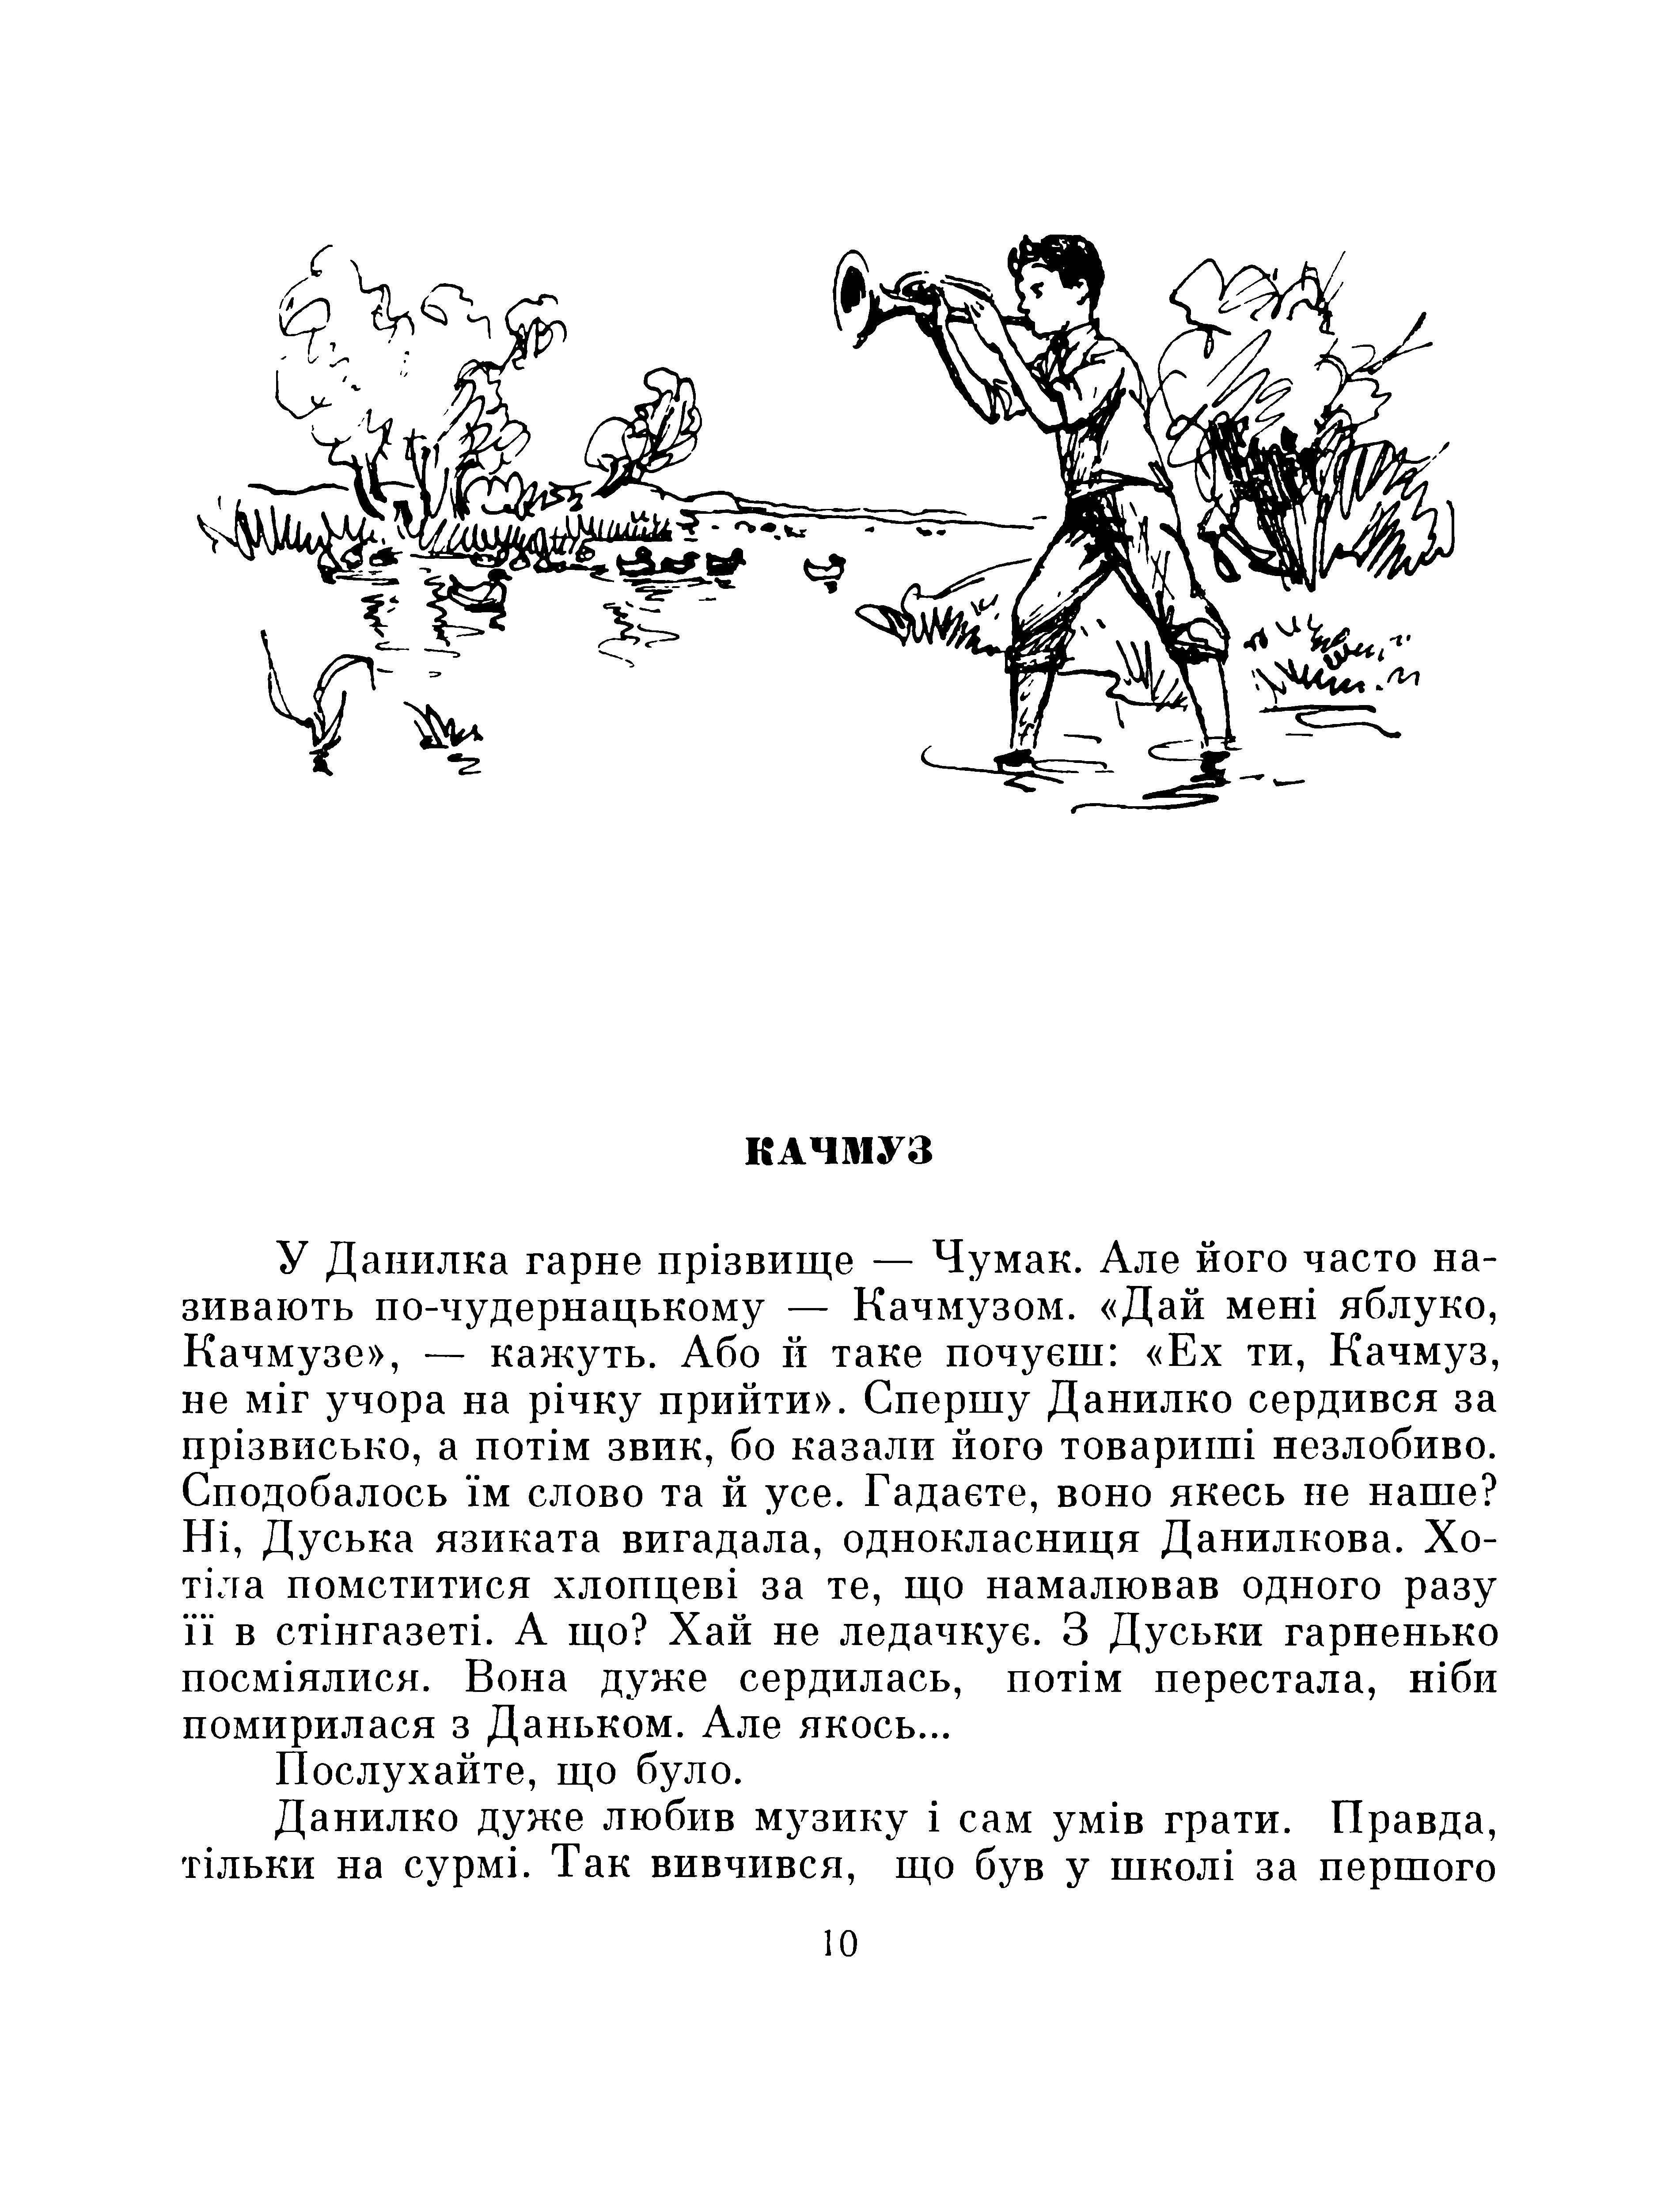 Марійчина загiнка - Микола Романiка 4.jpg